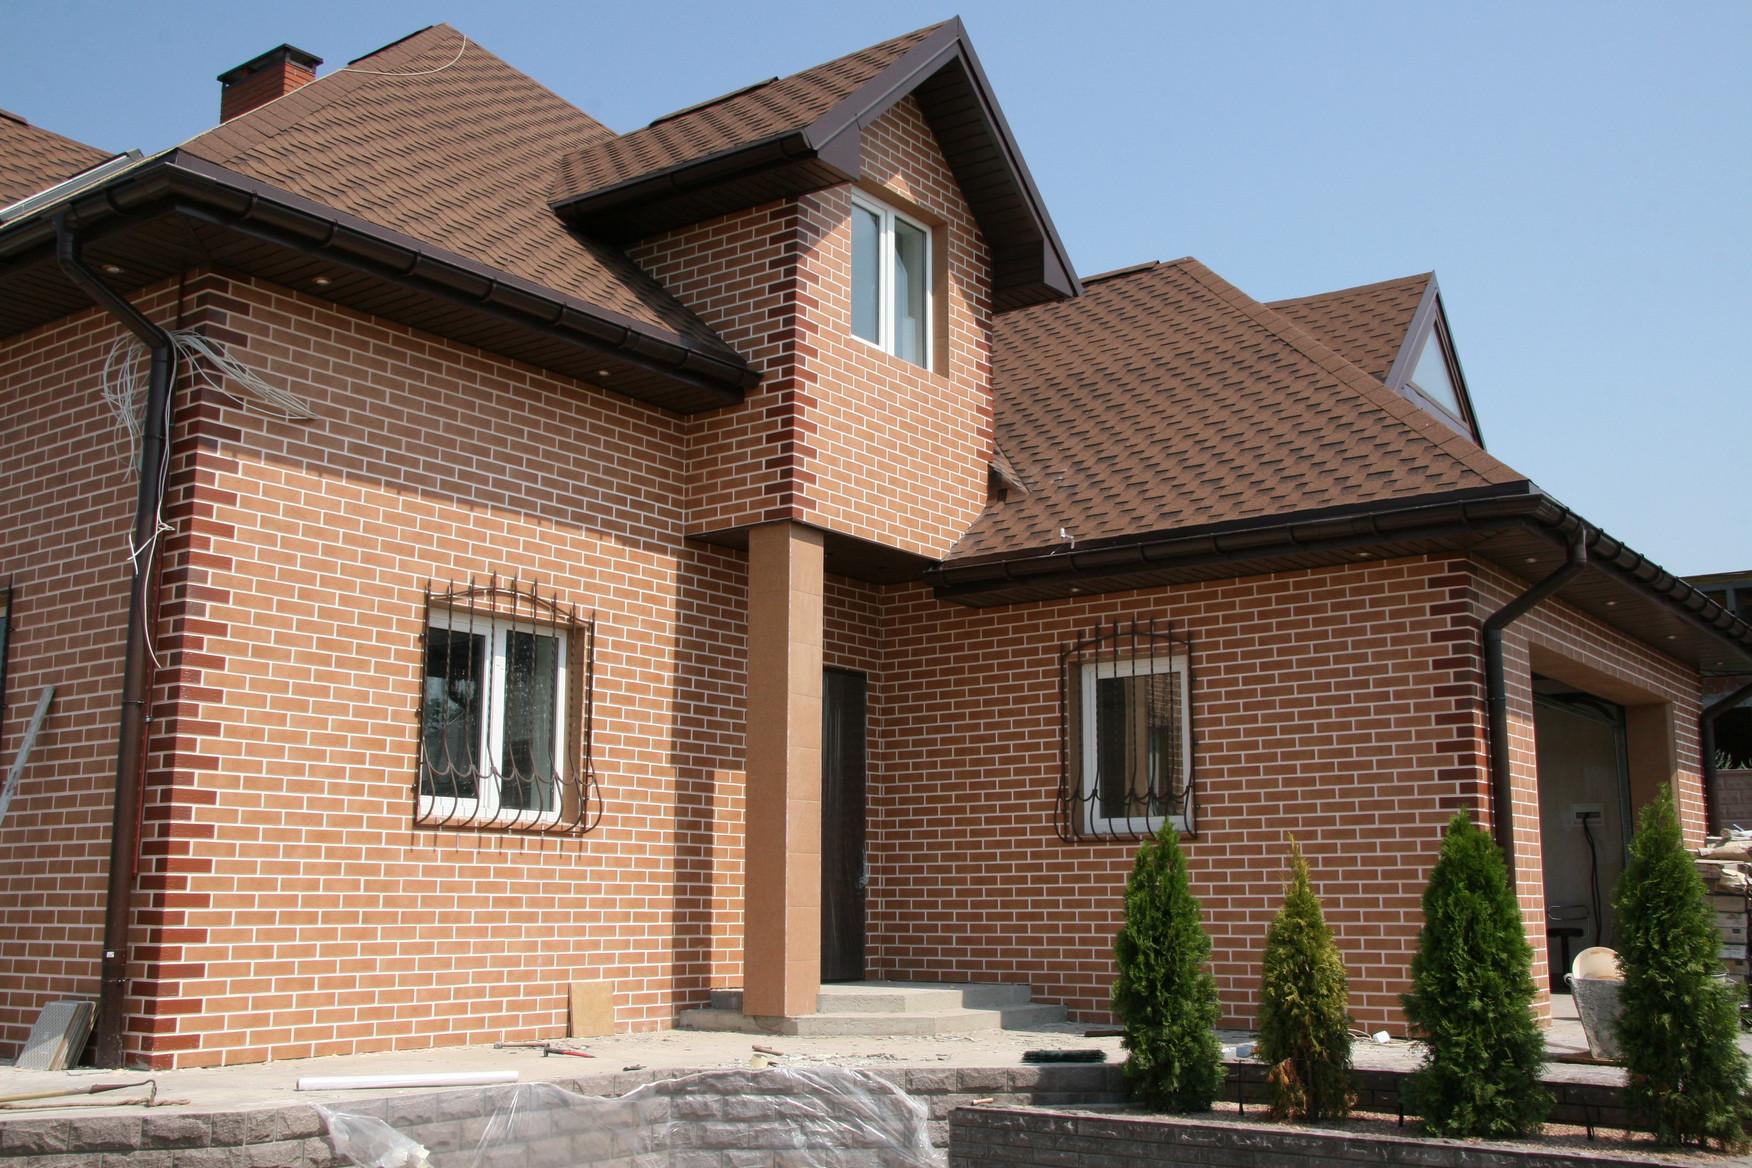 отделка фасада дома облицовочным кирпичом фото оставляют балконе, лоджии